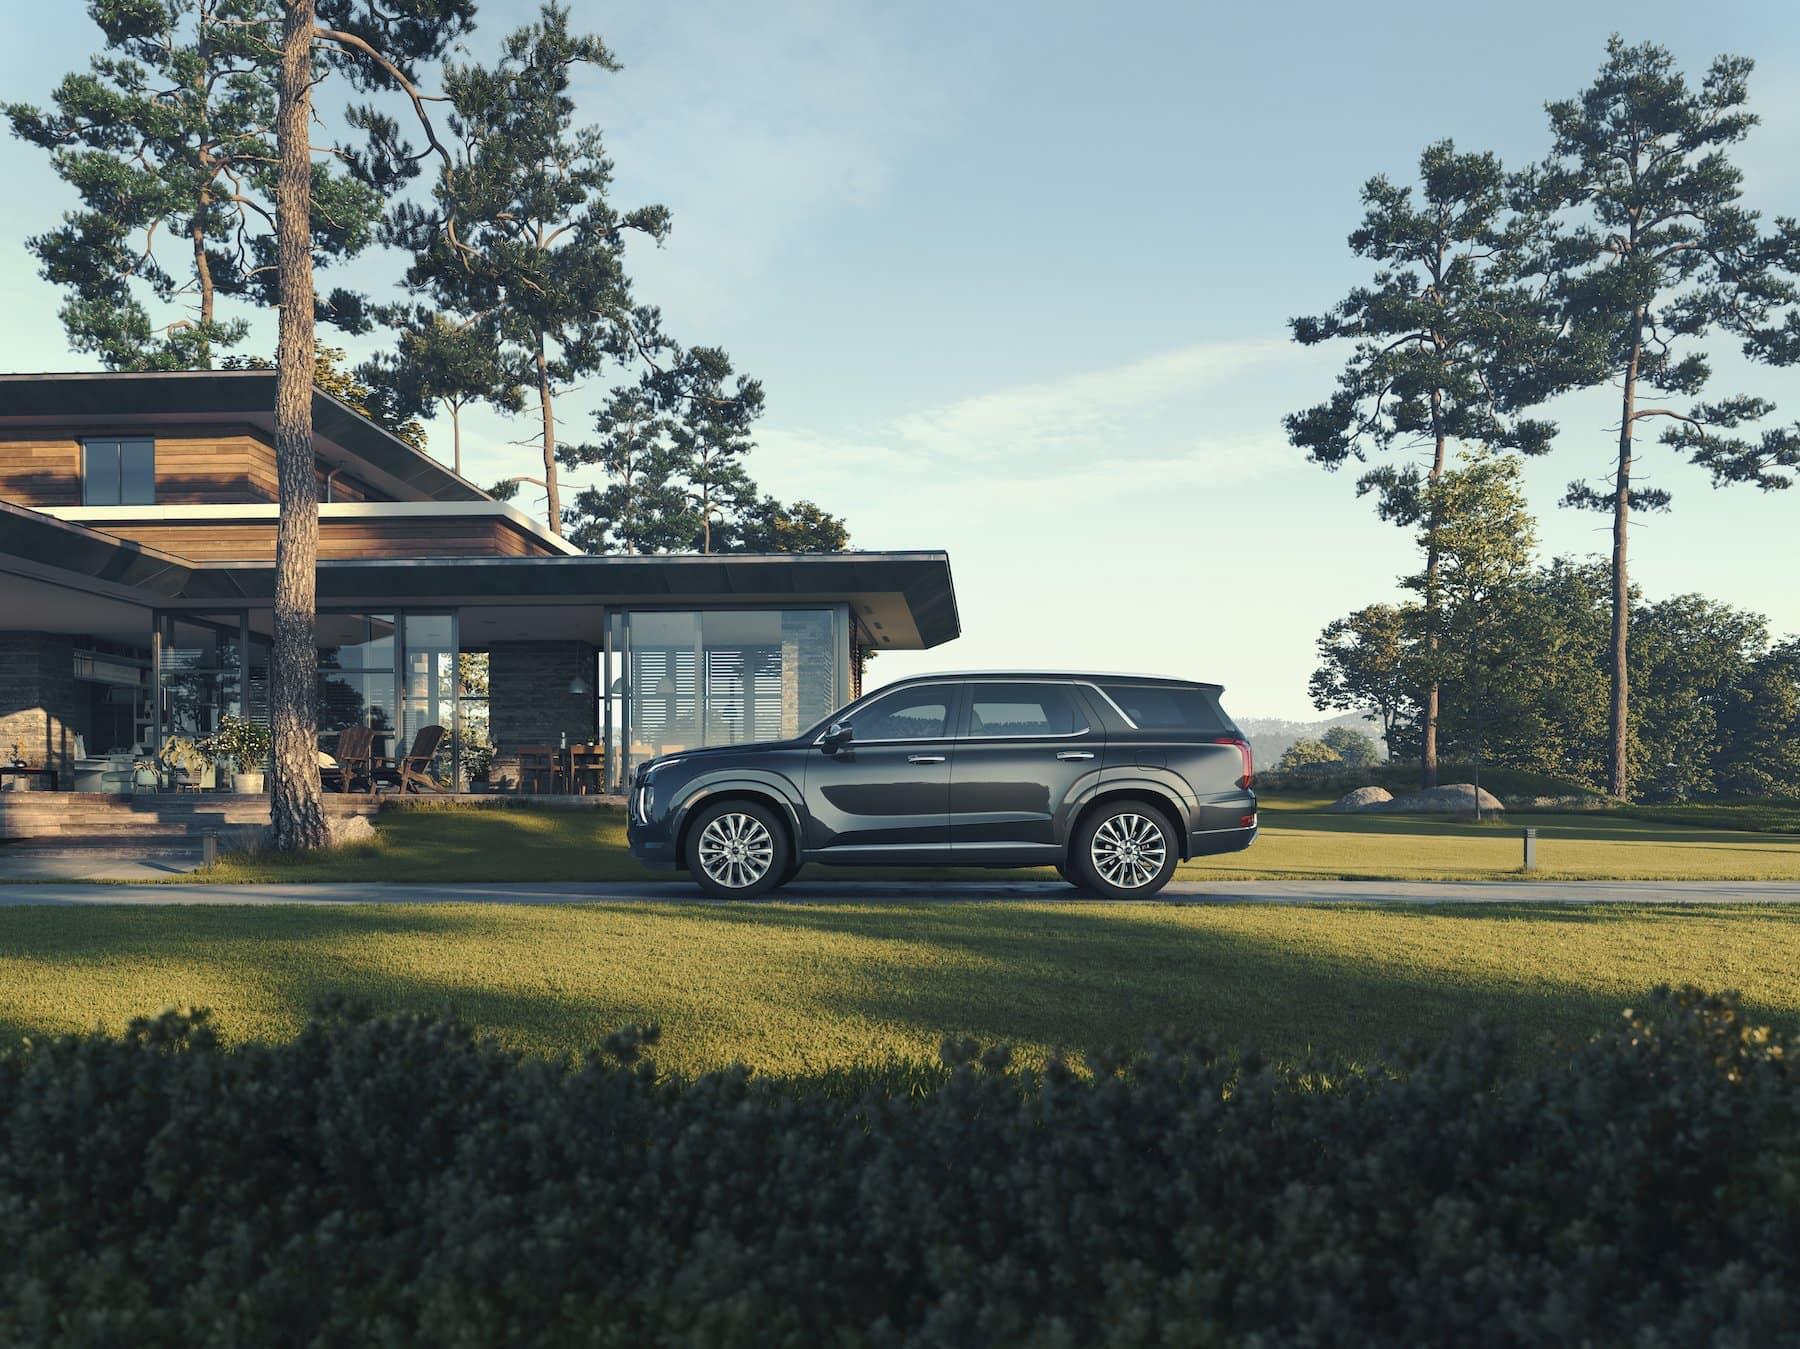 Washington Hyundai is a Hyundai Dealership in Washington near Steubenville, OH | 2021 Hyundai Palisade parked by home